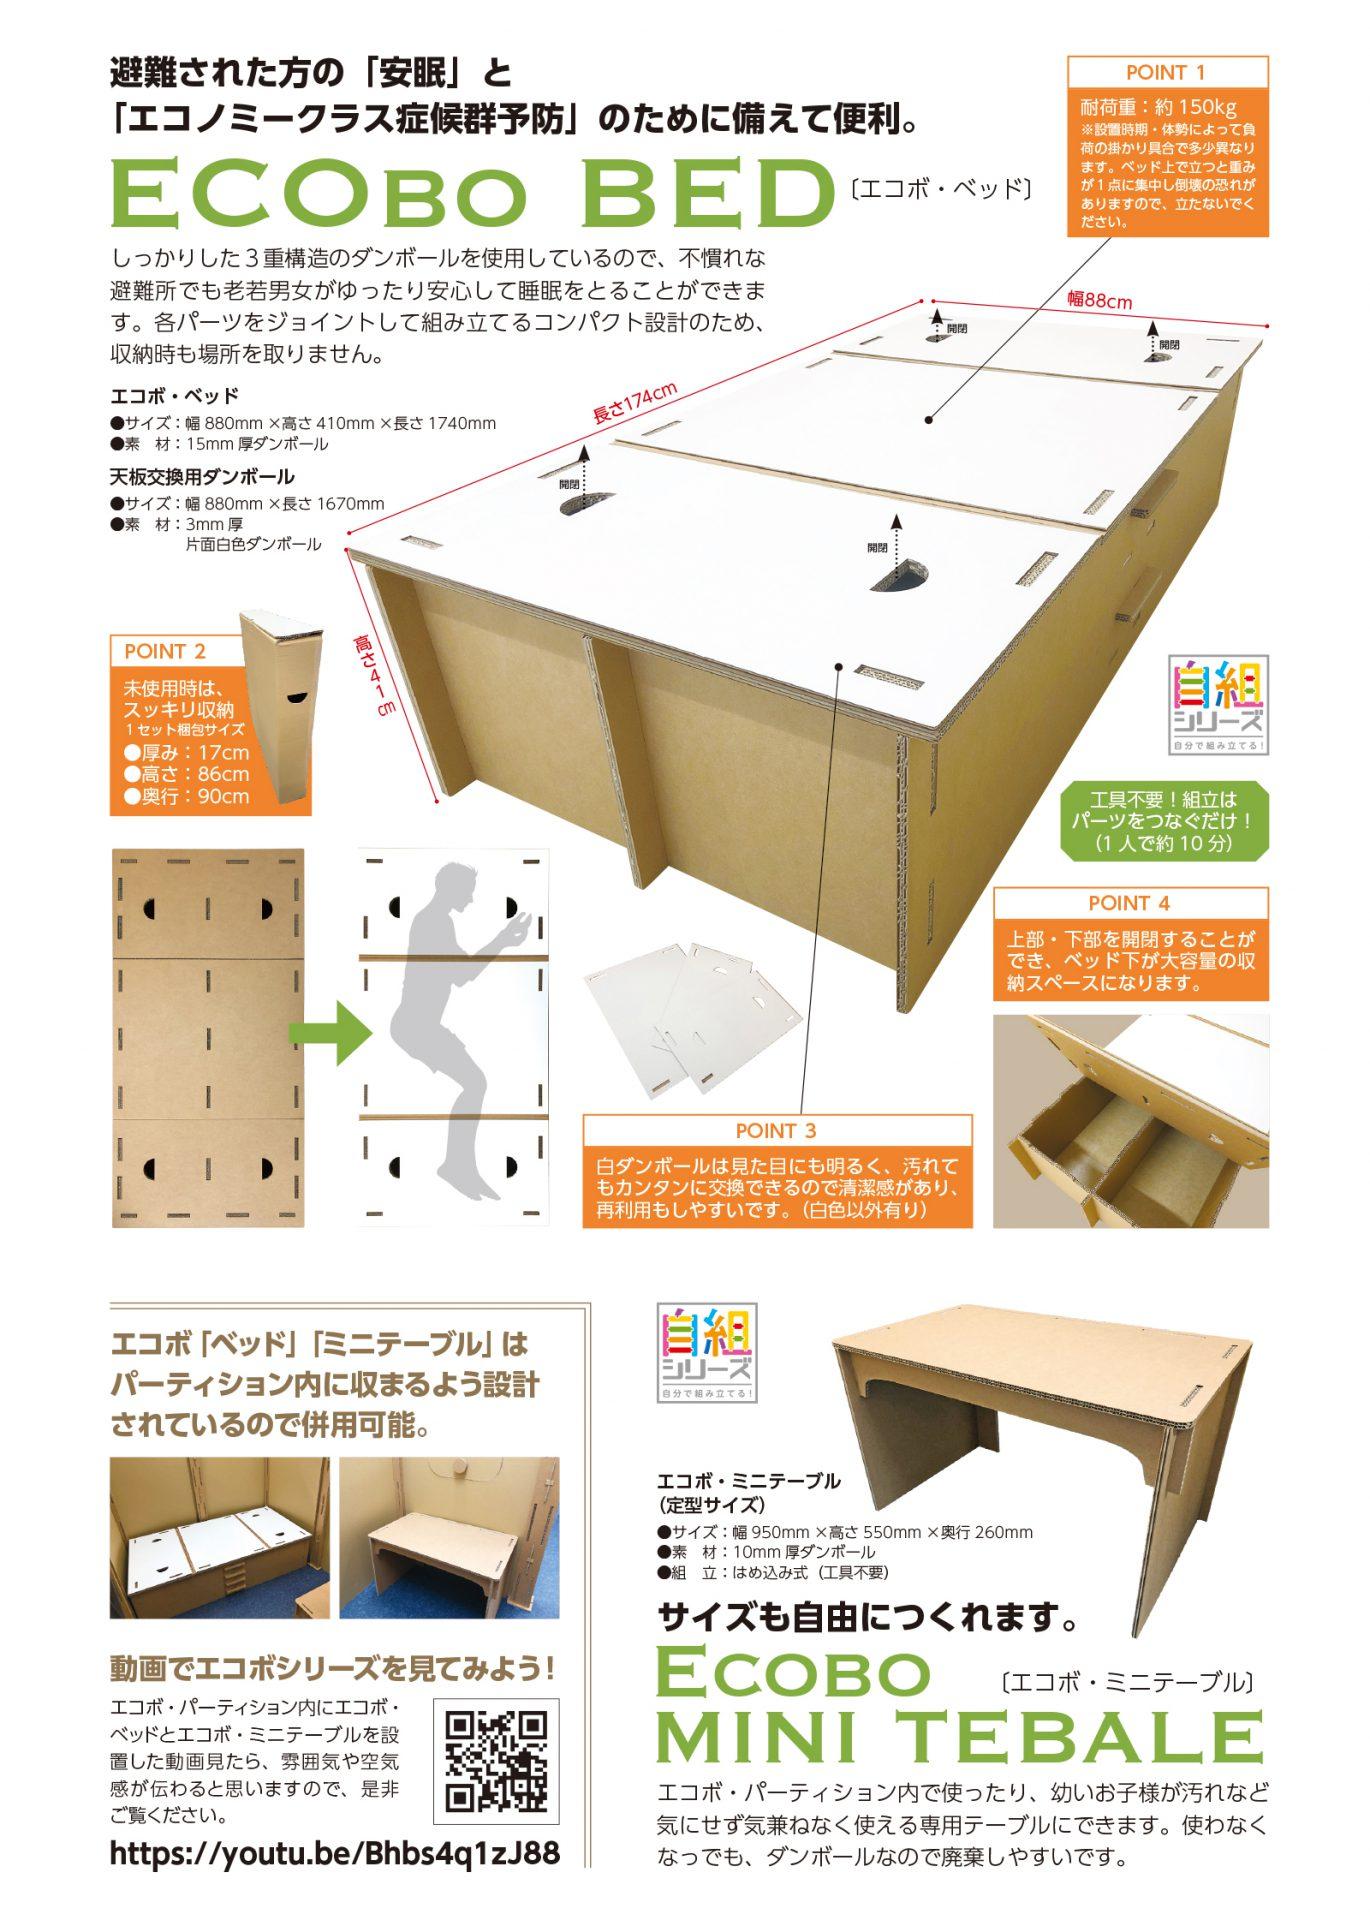 エコボ・ベッド/エコボ・ミニテーブル